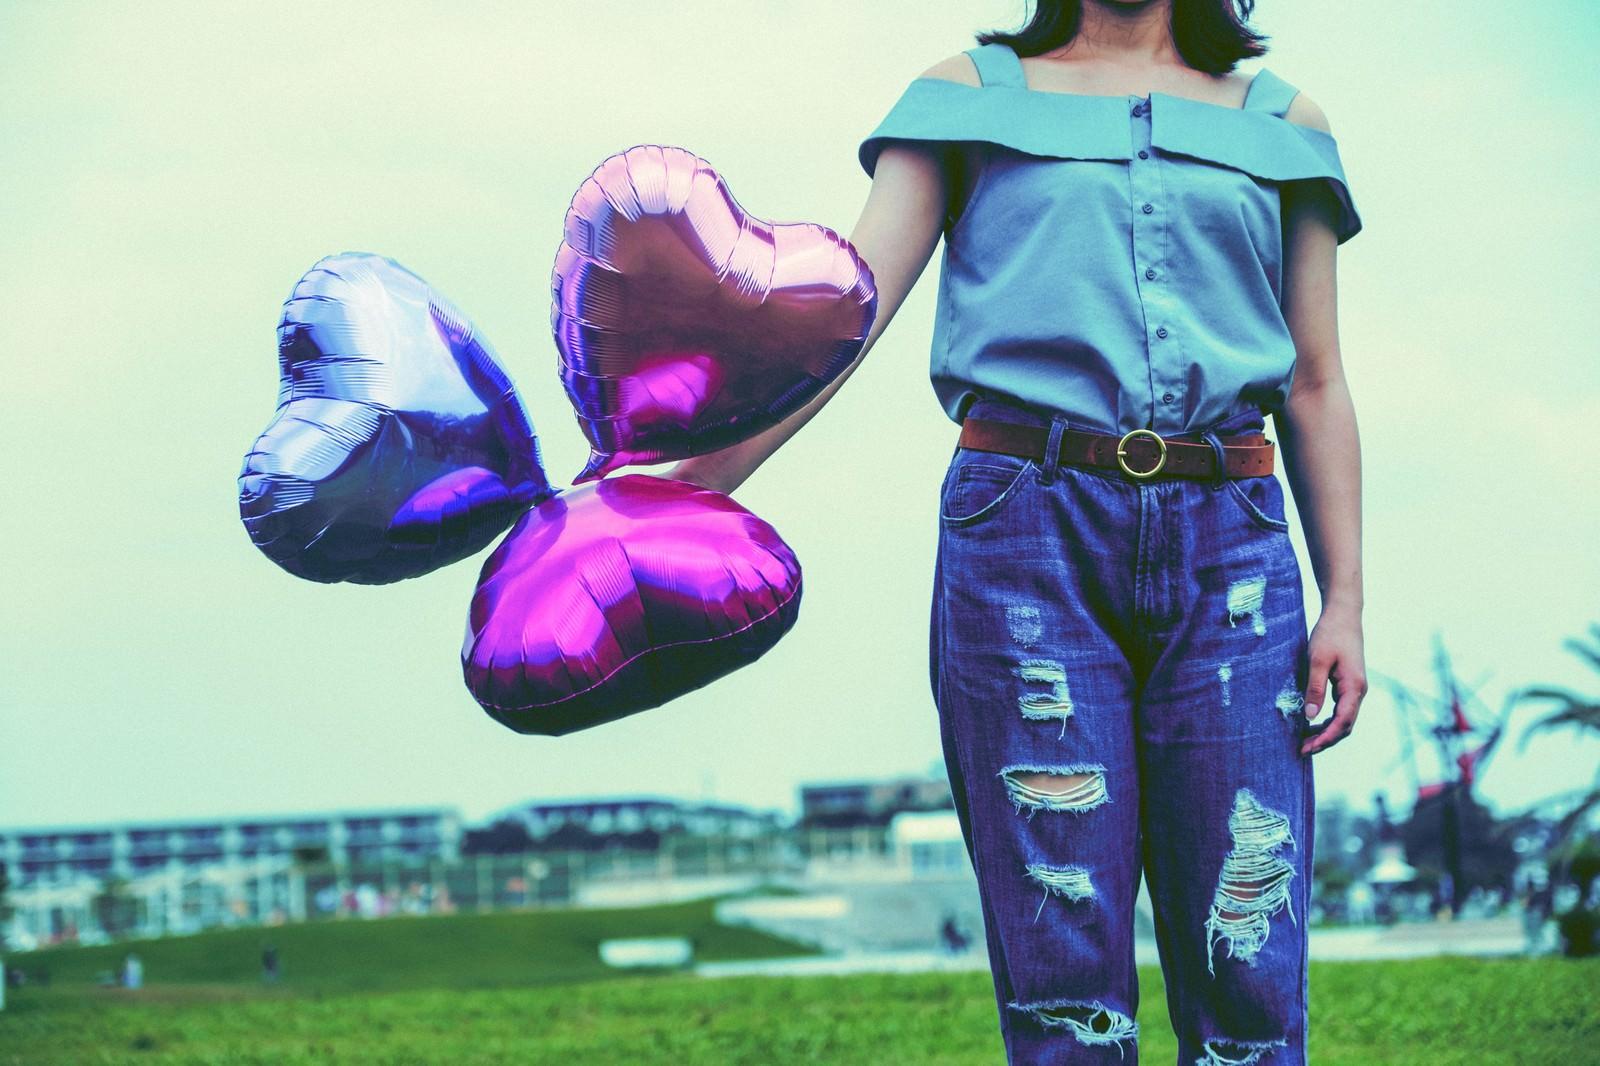 「ハートの風船を持ったダメージジーンズ女子」の写真